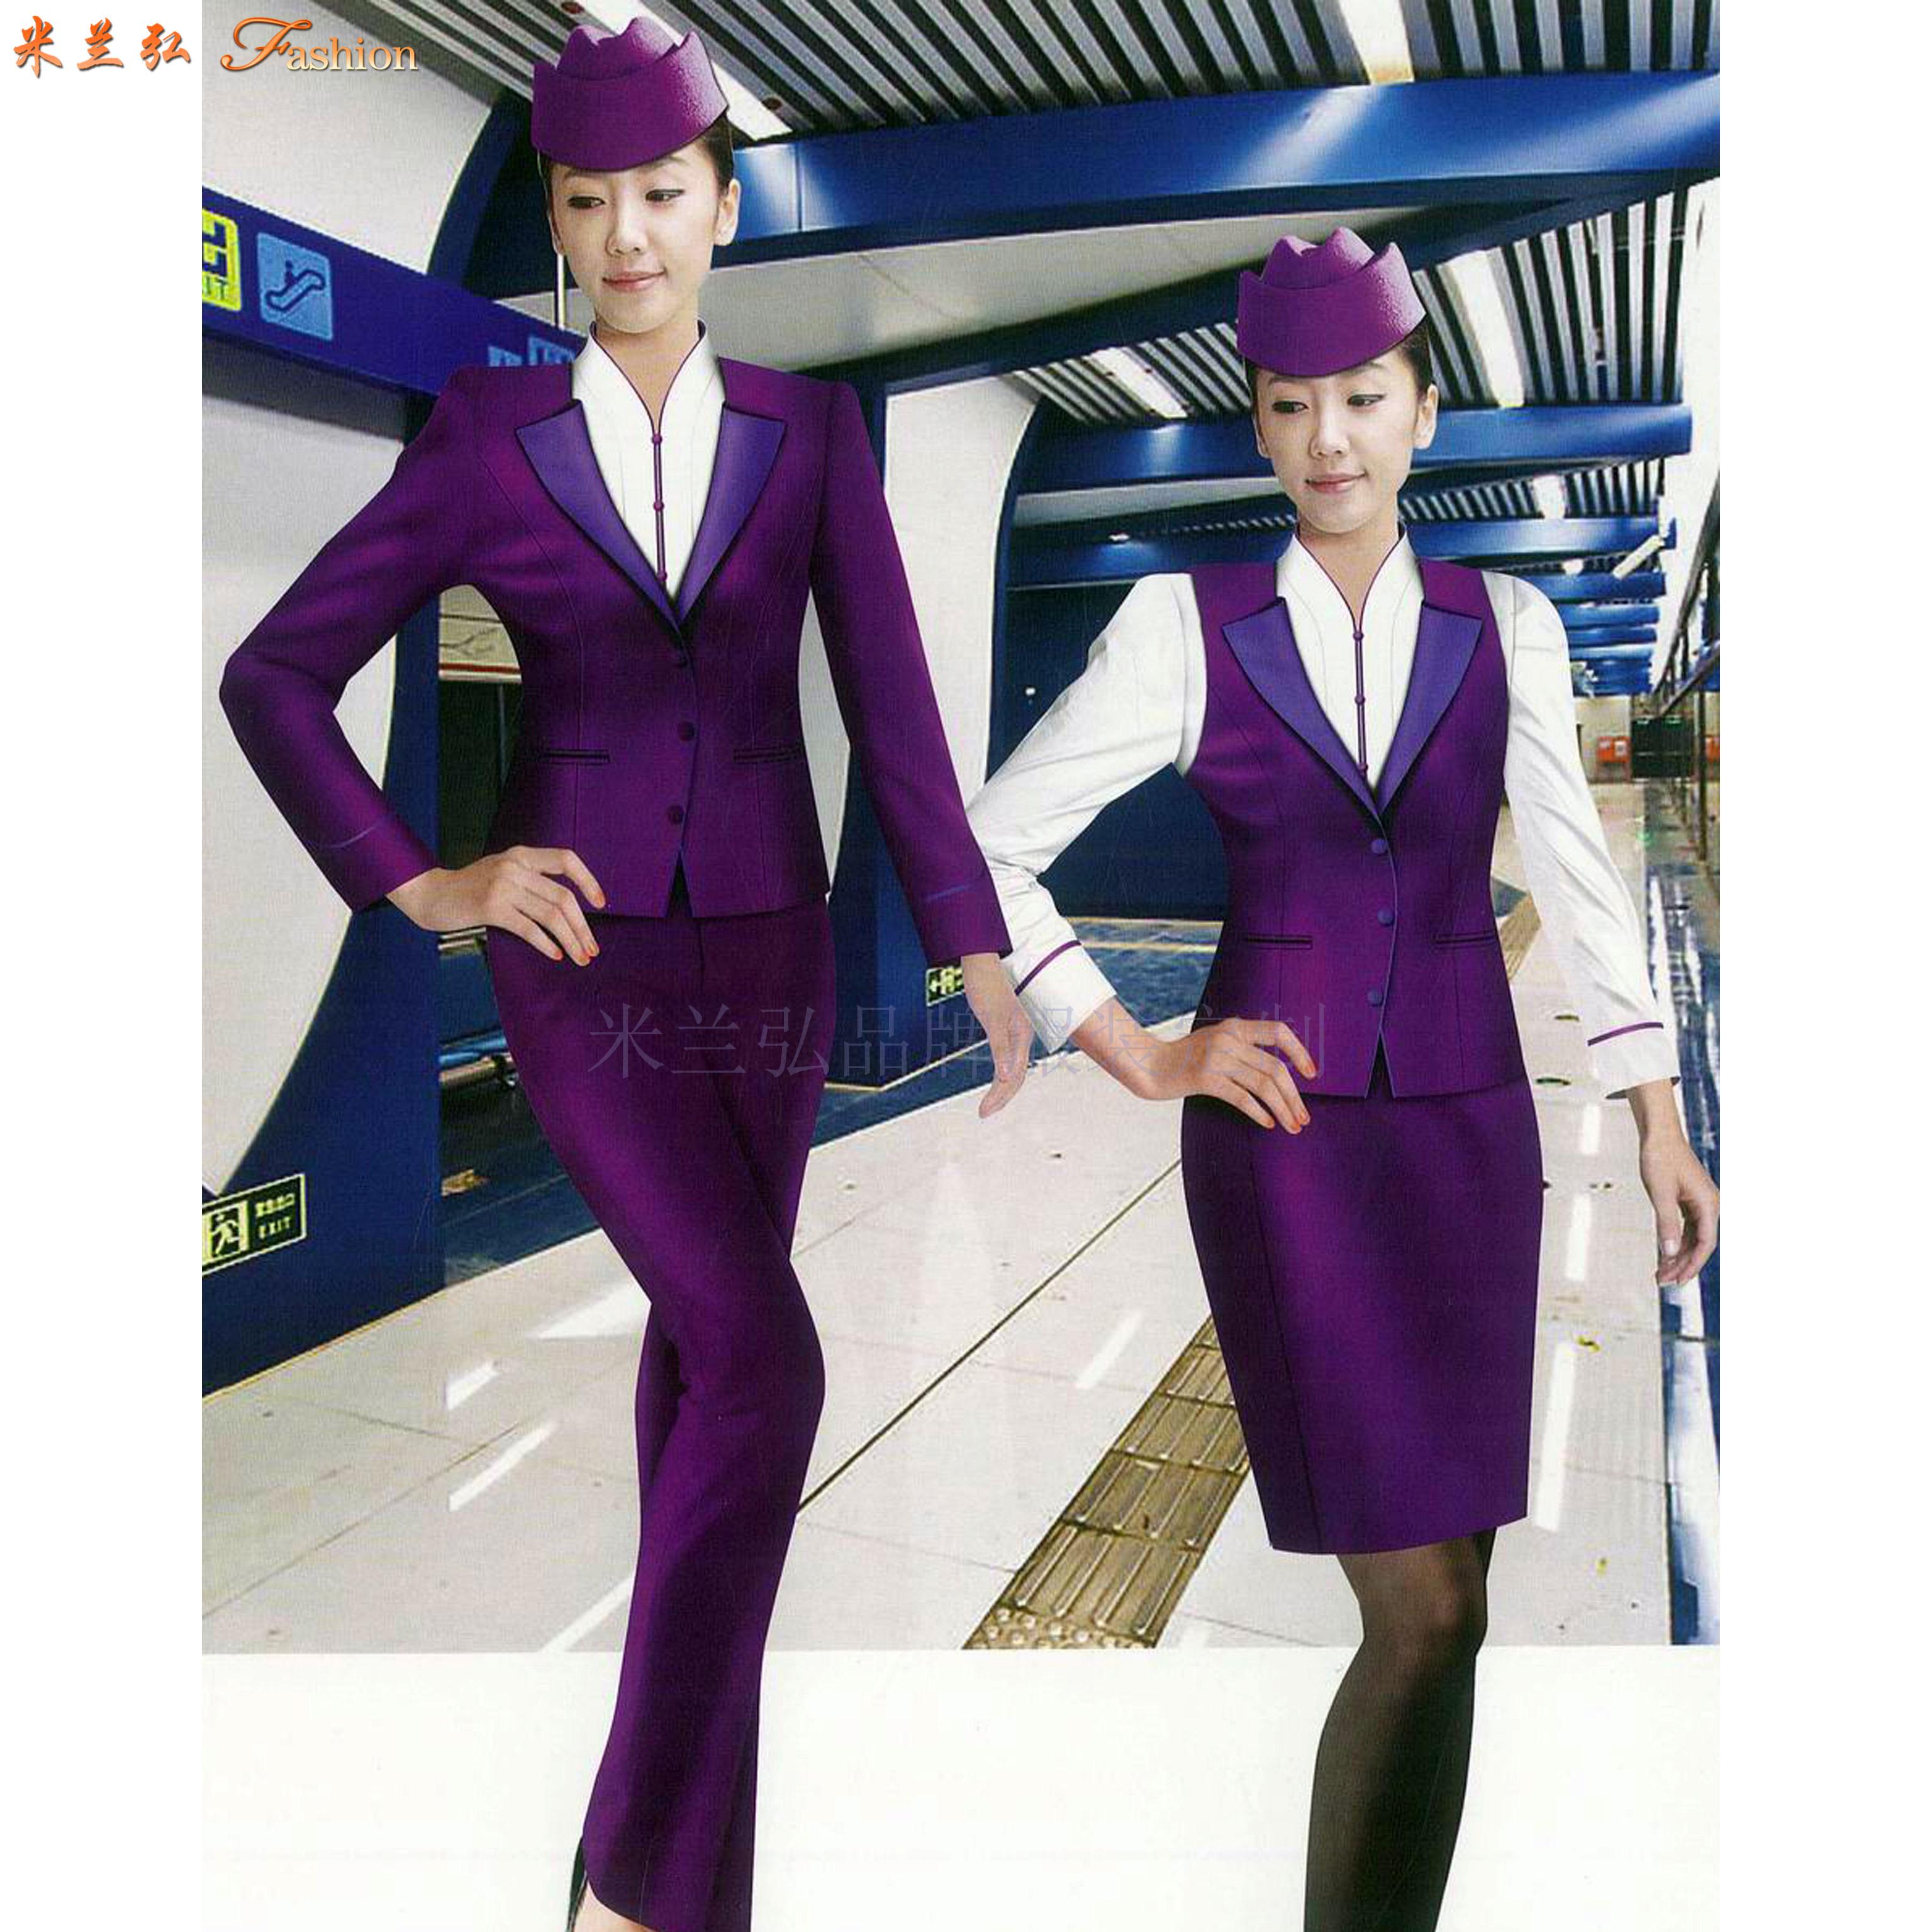 上海地鐵製服_上海地鐵工裝製服訂做-永利注册网站服裝廠家-2